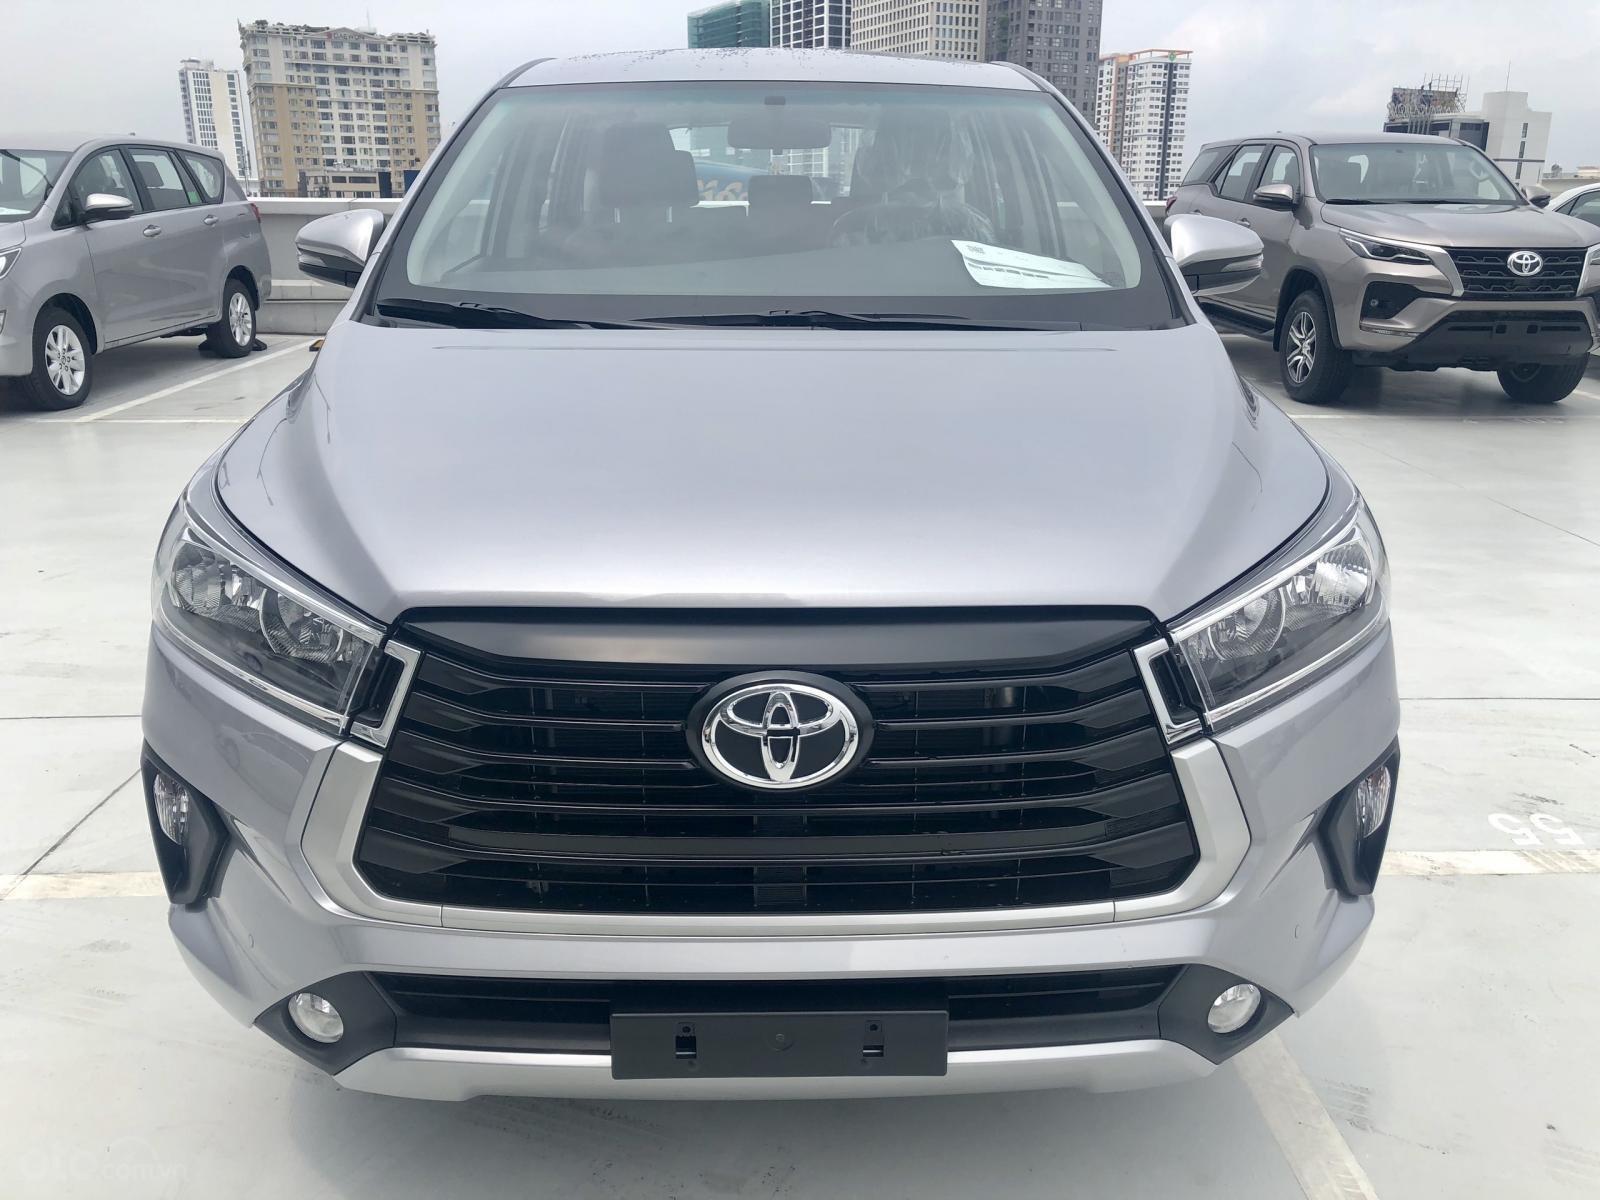 Toyota Innova 2021, tặng 3 năm bảo dưỡng, đủ màu, giao ngay, chỉ cần 175tr có xe (1)